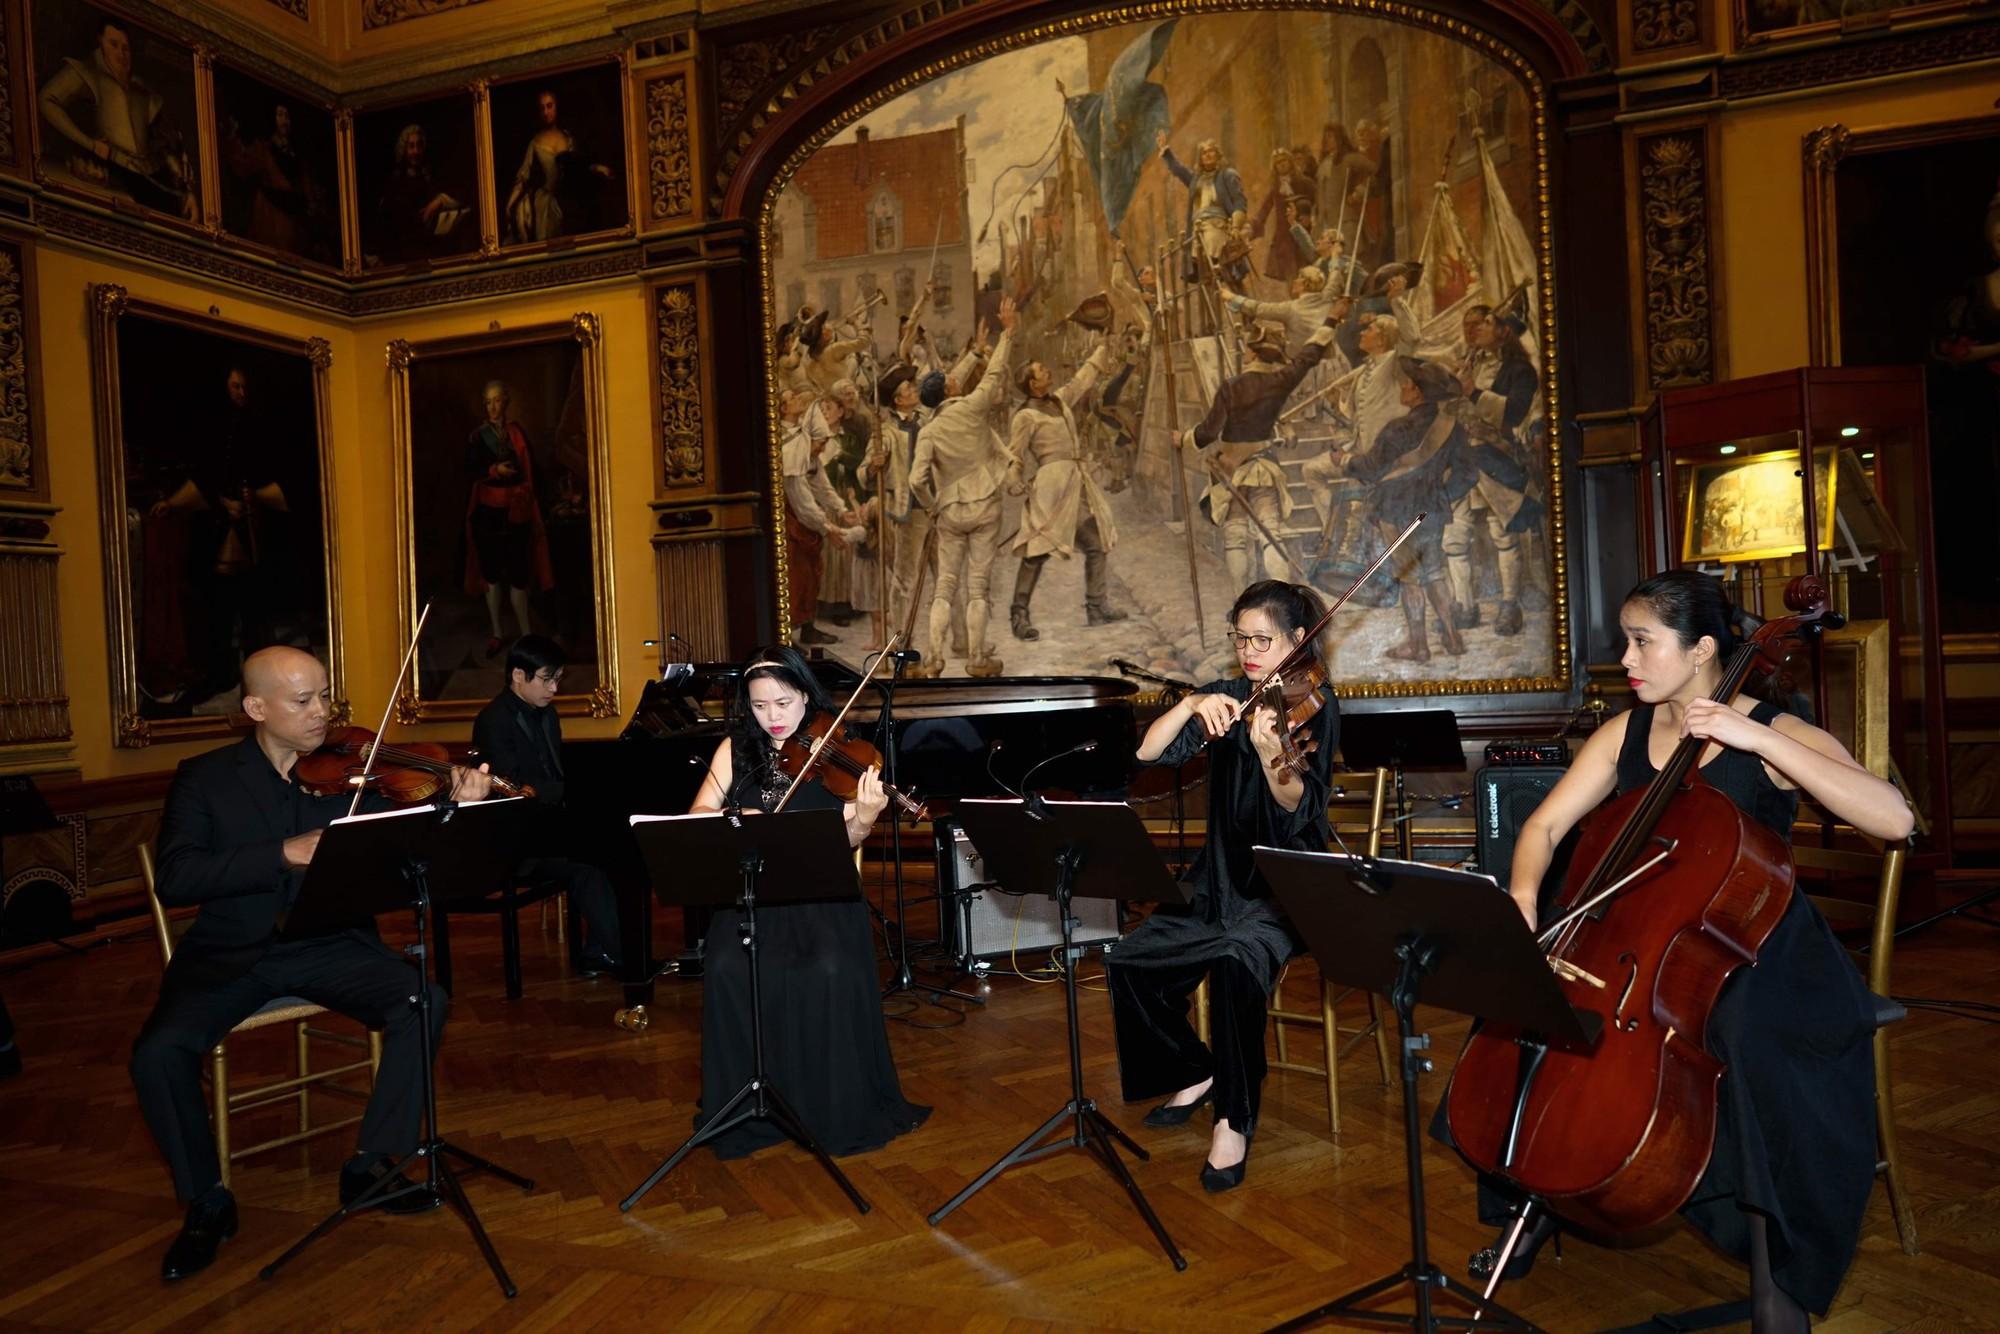 Chương trình hòa nhạc tại Tòa thị chính thành phố Malmo, Thụy Điển - Ảnh 1.